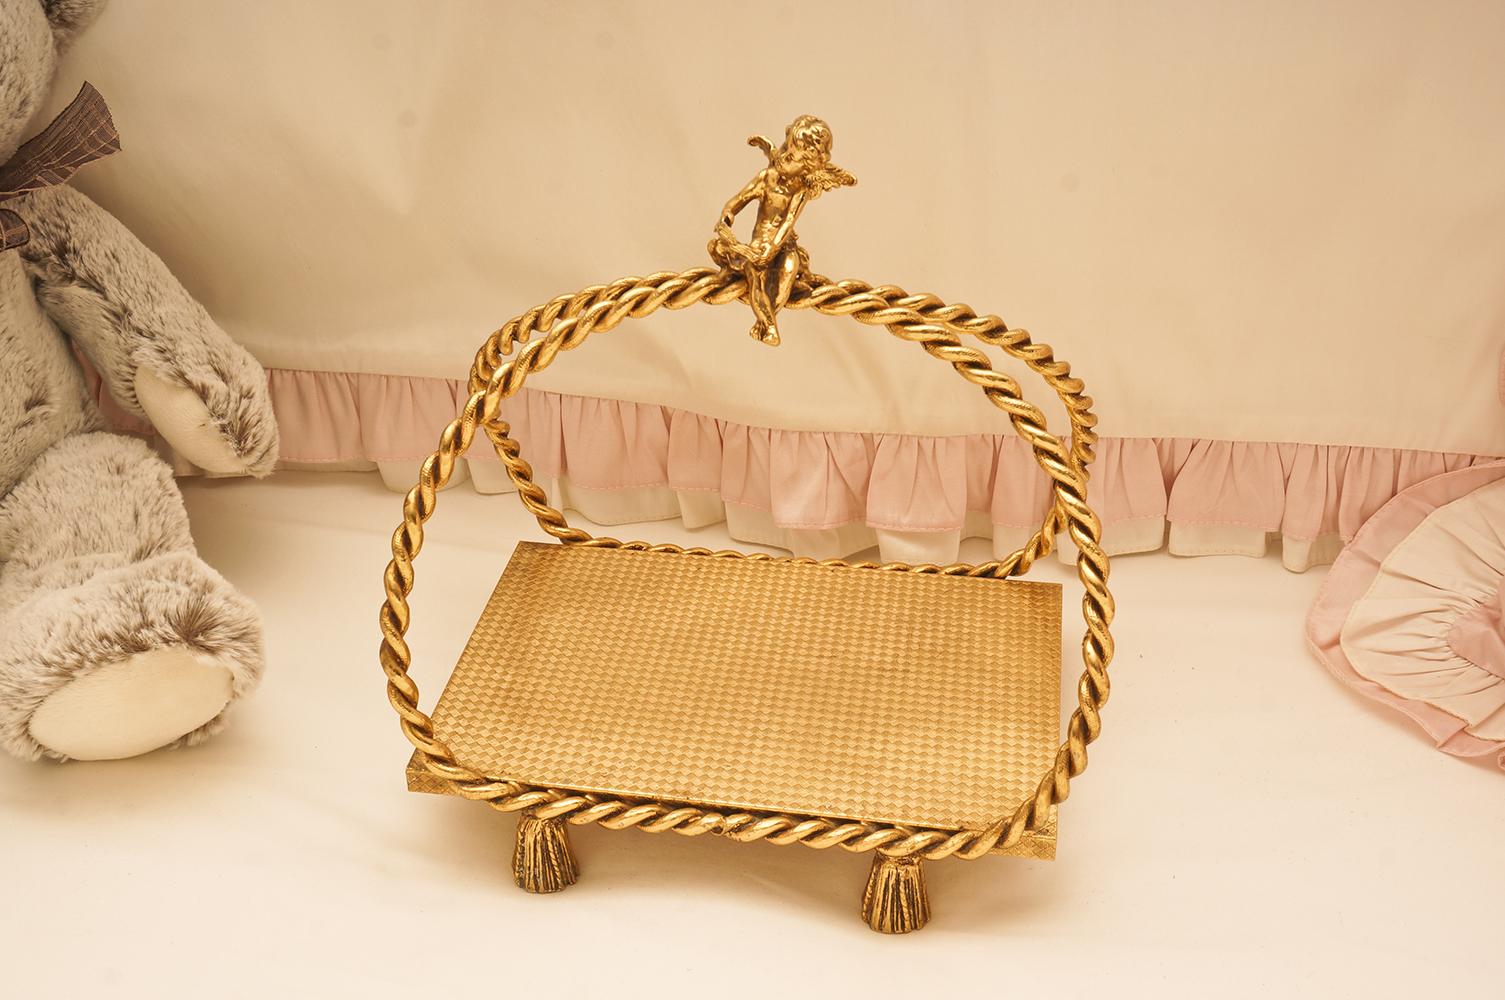 スタイルビルト製 ゴールド 天使 タオルホルダー